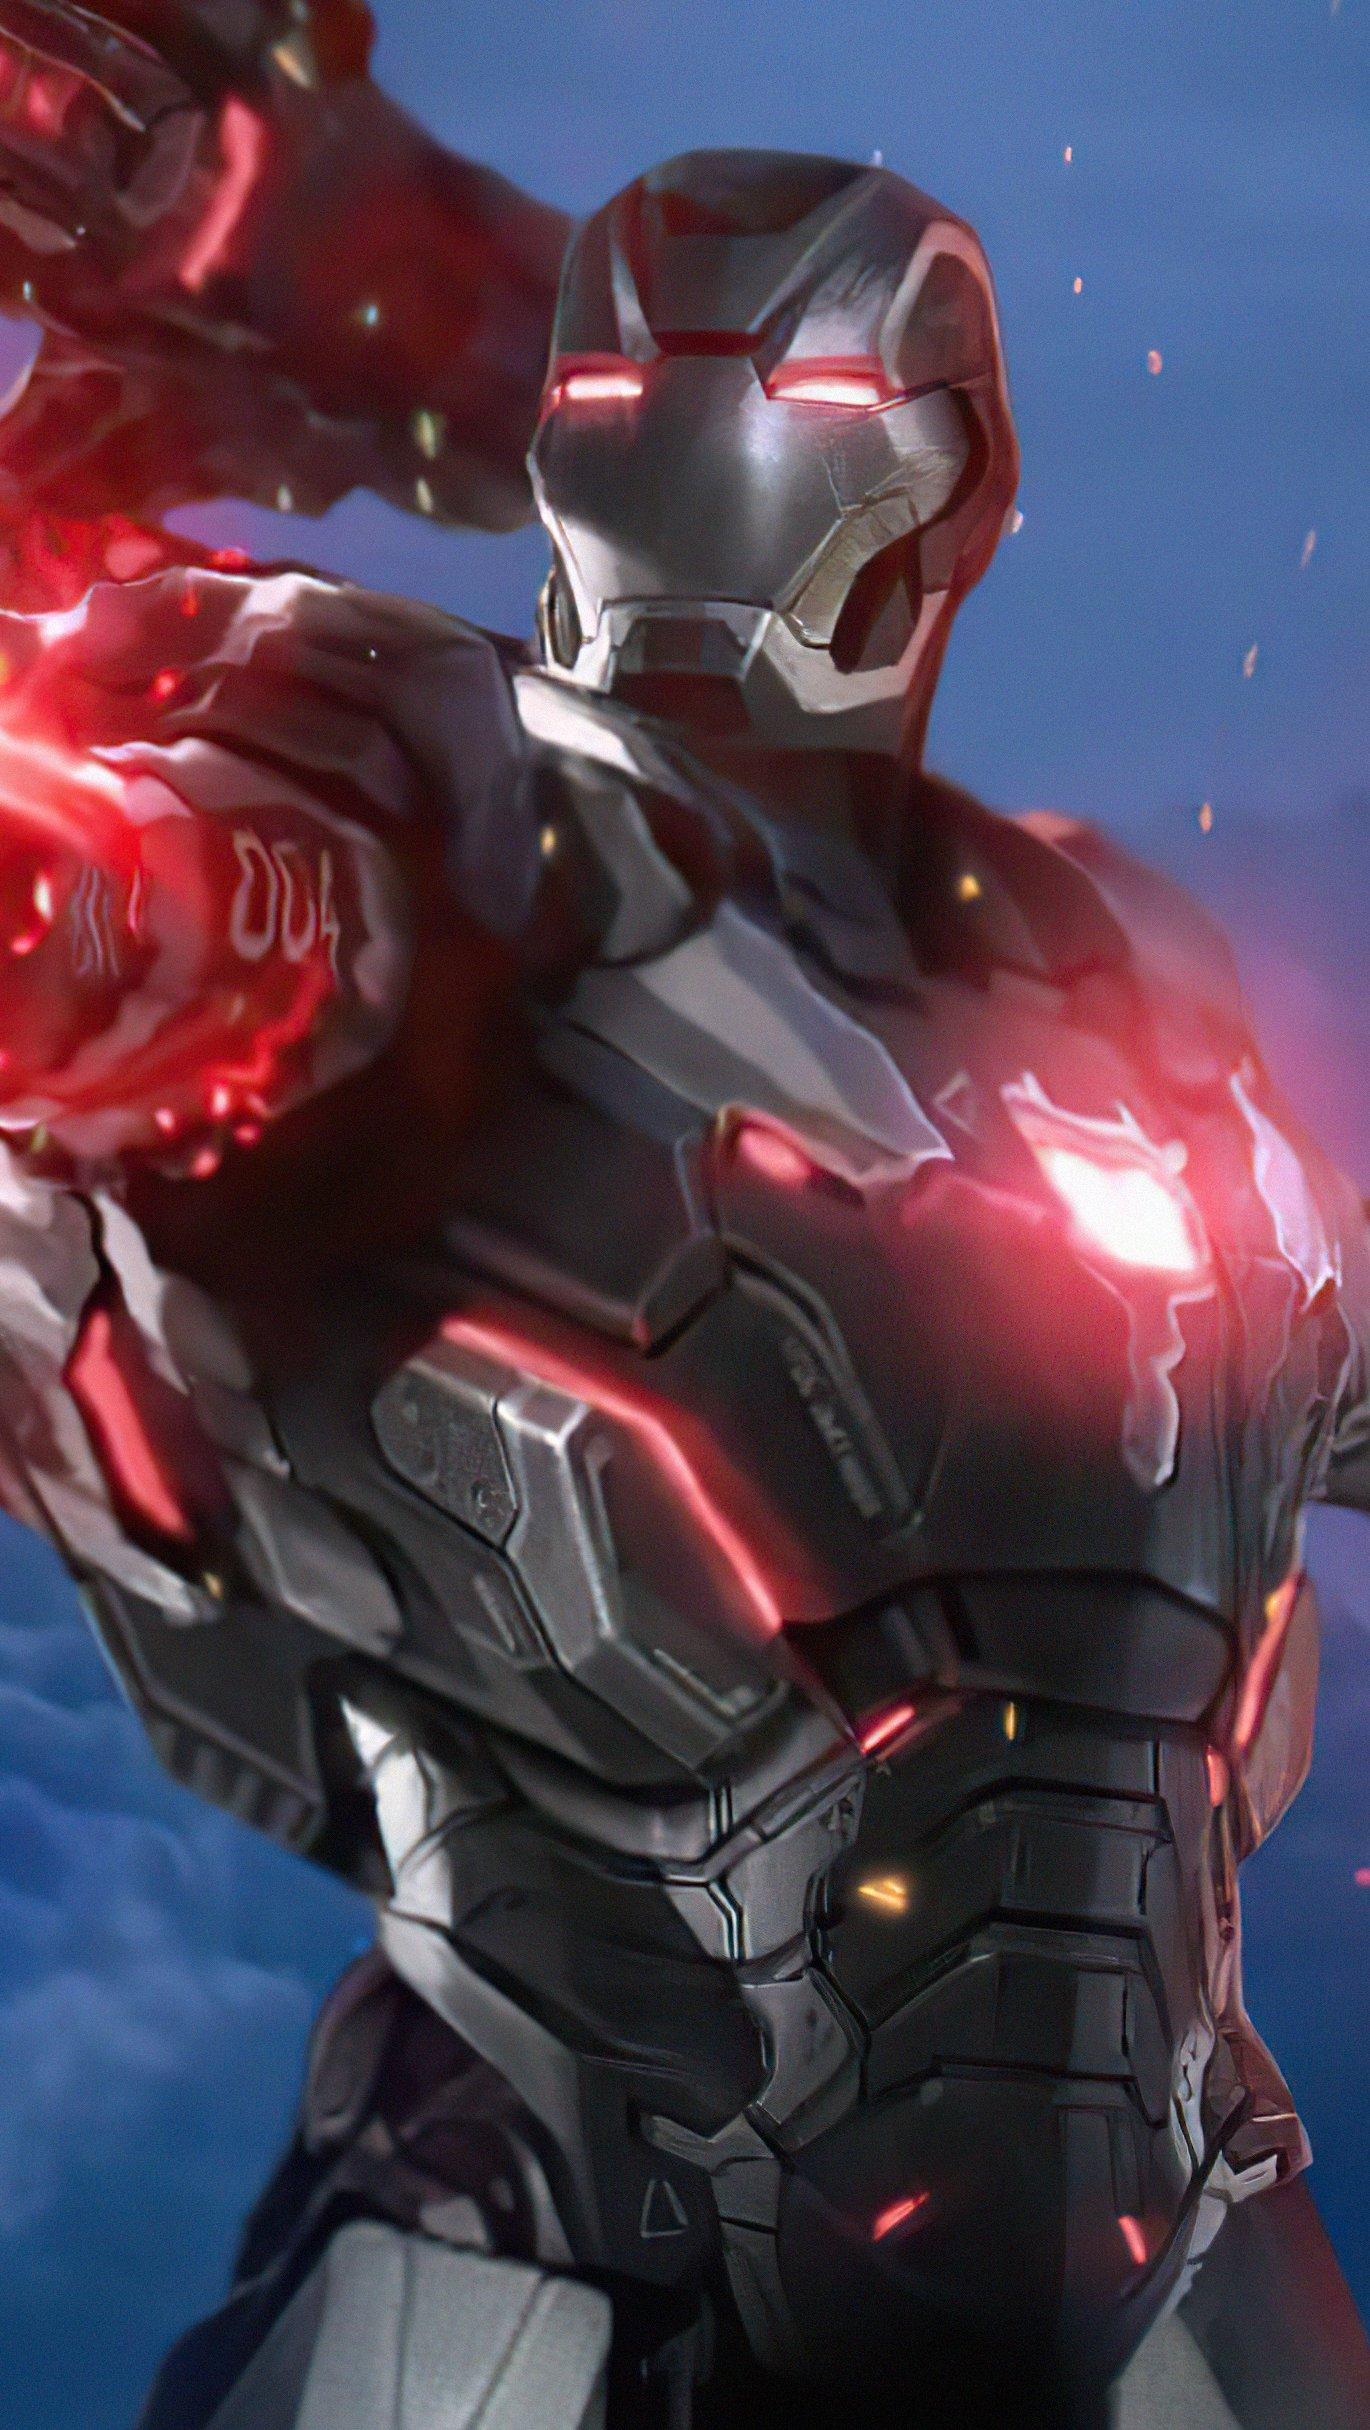 Fondos de pantalla Increíble armadura de Iron Man Vertical